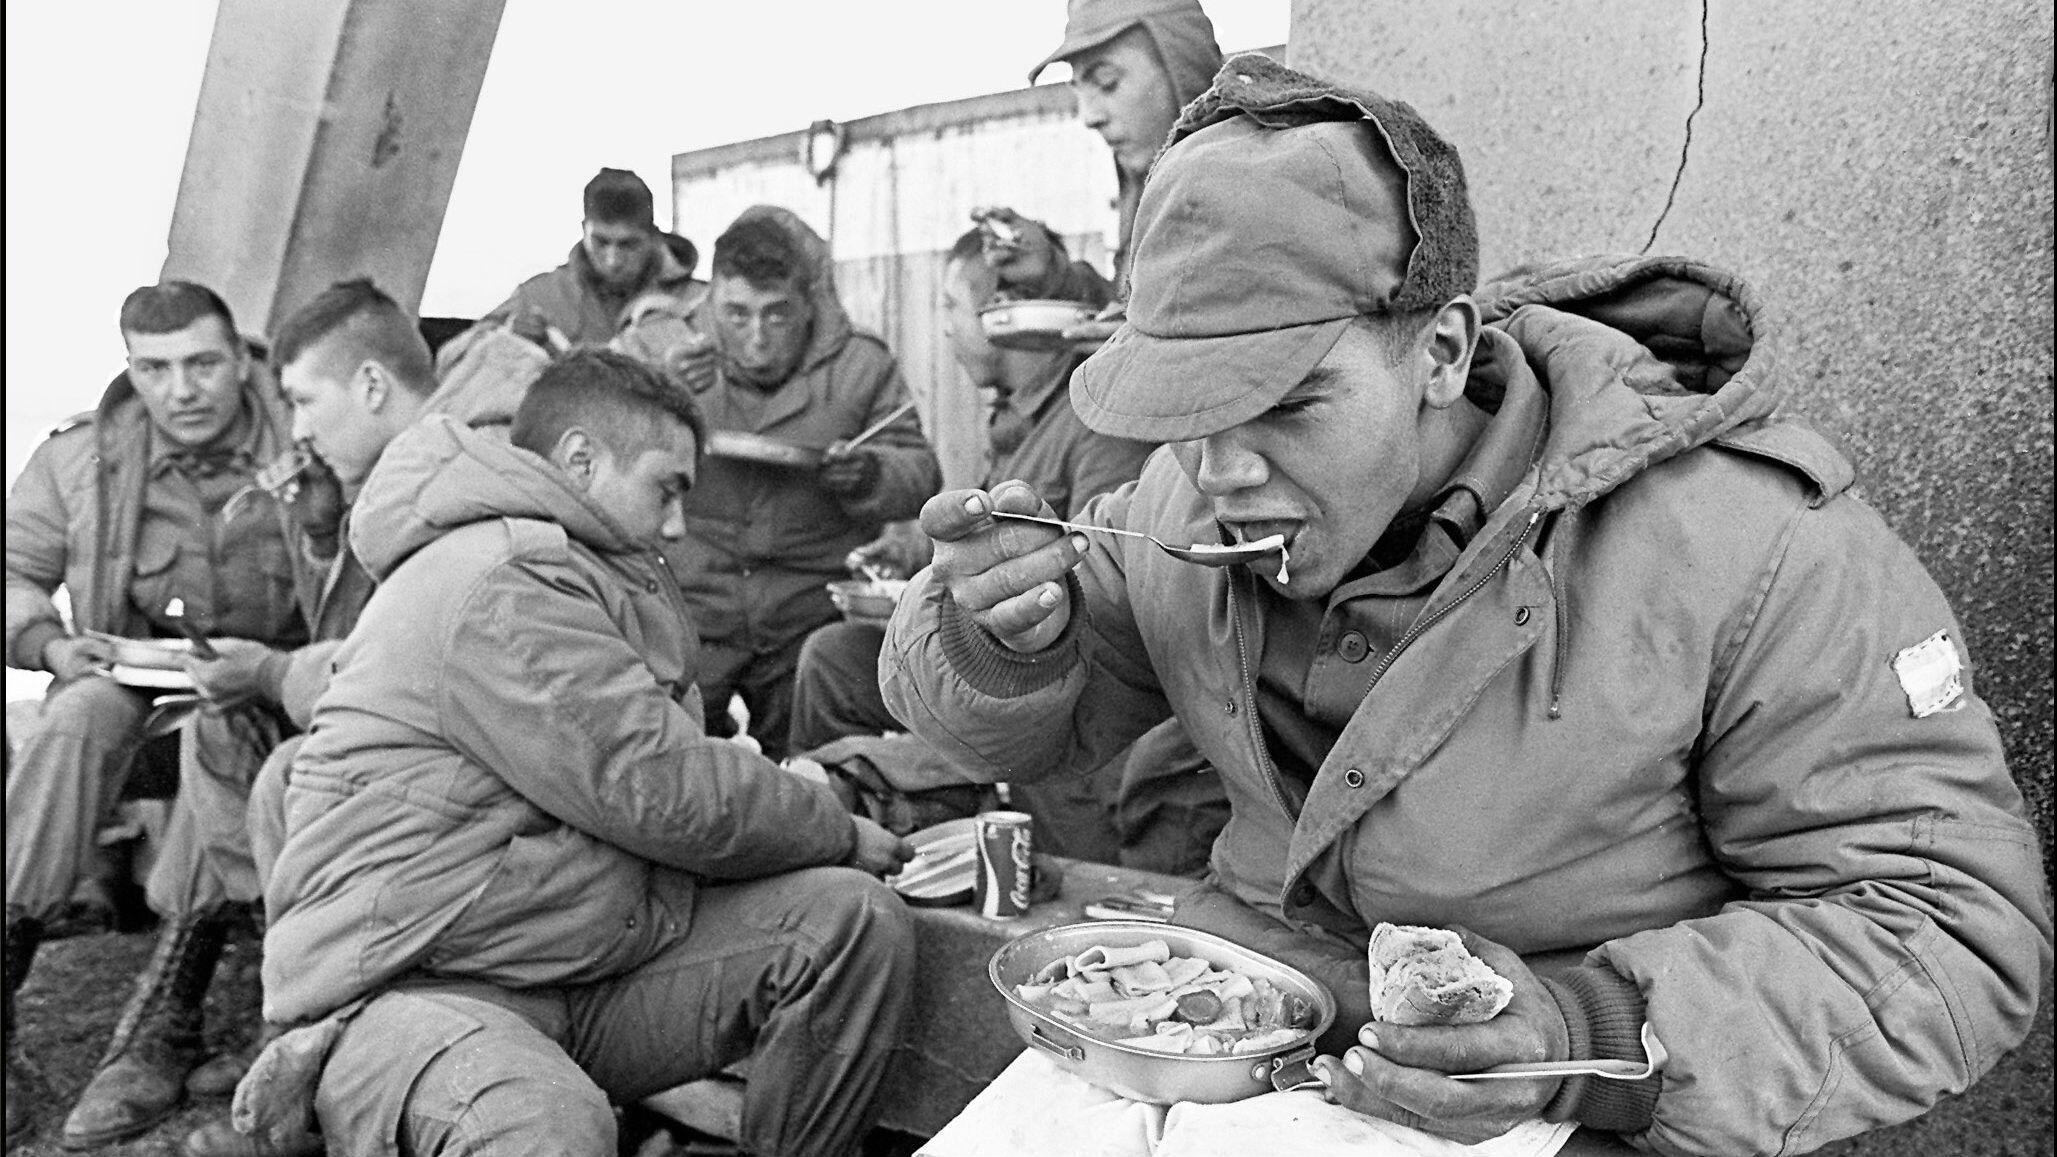 Por Que Comenzo Y Que Ocurrio En La Guerra De Malvinas Entre Argentina Y Reino Unido Hace 37 Anos